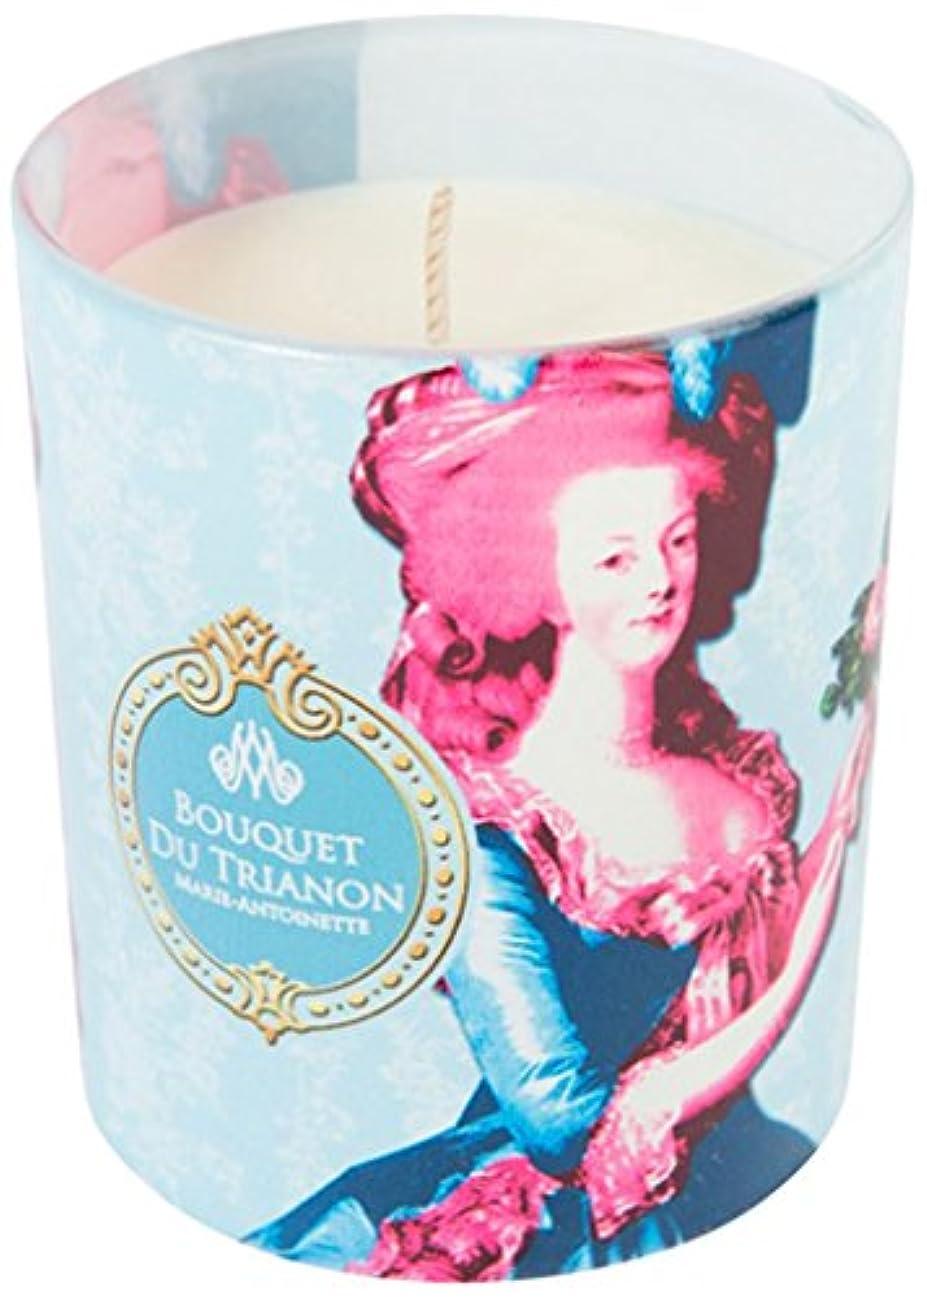 理解する巻き取りレイプヒストリア ポップアートキャンドル ブーケトリアノン 色とりどりの花のブーケの香り